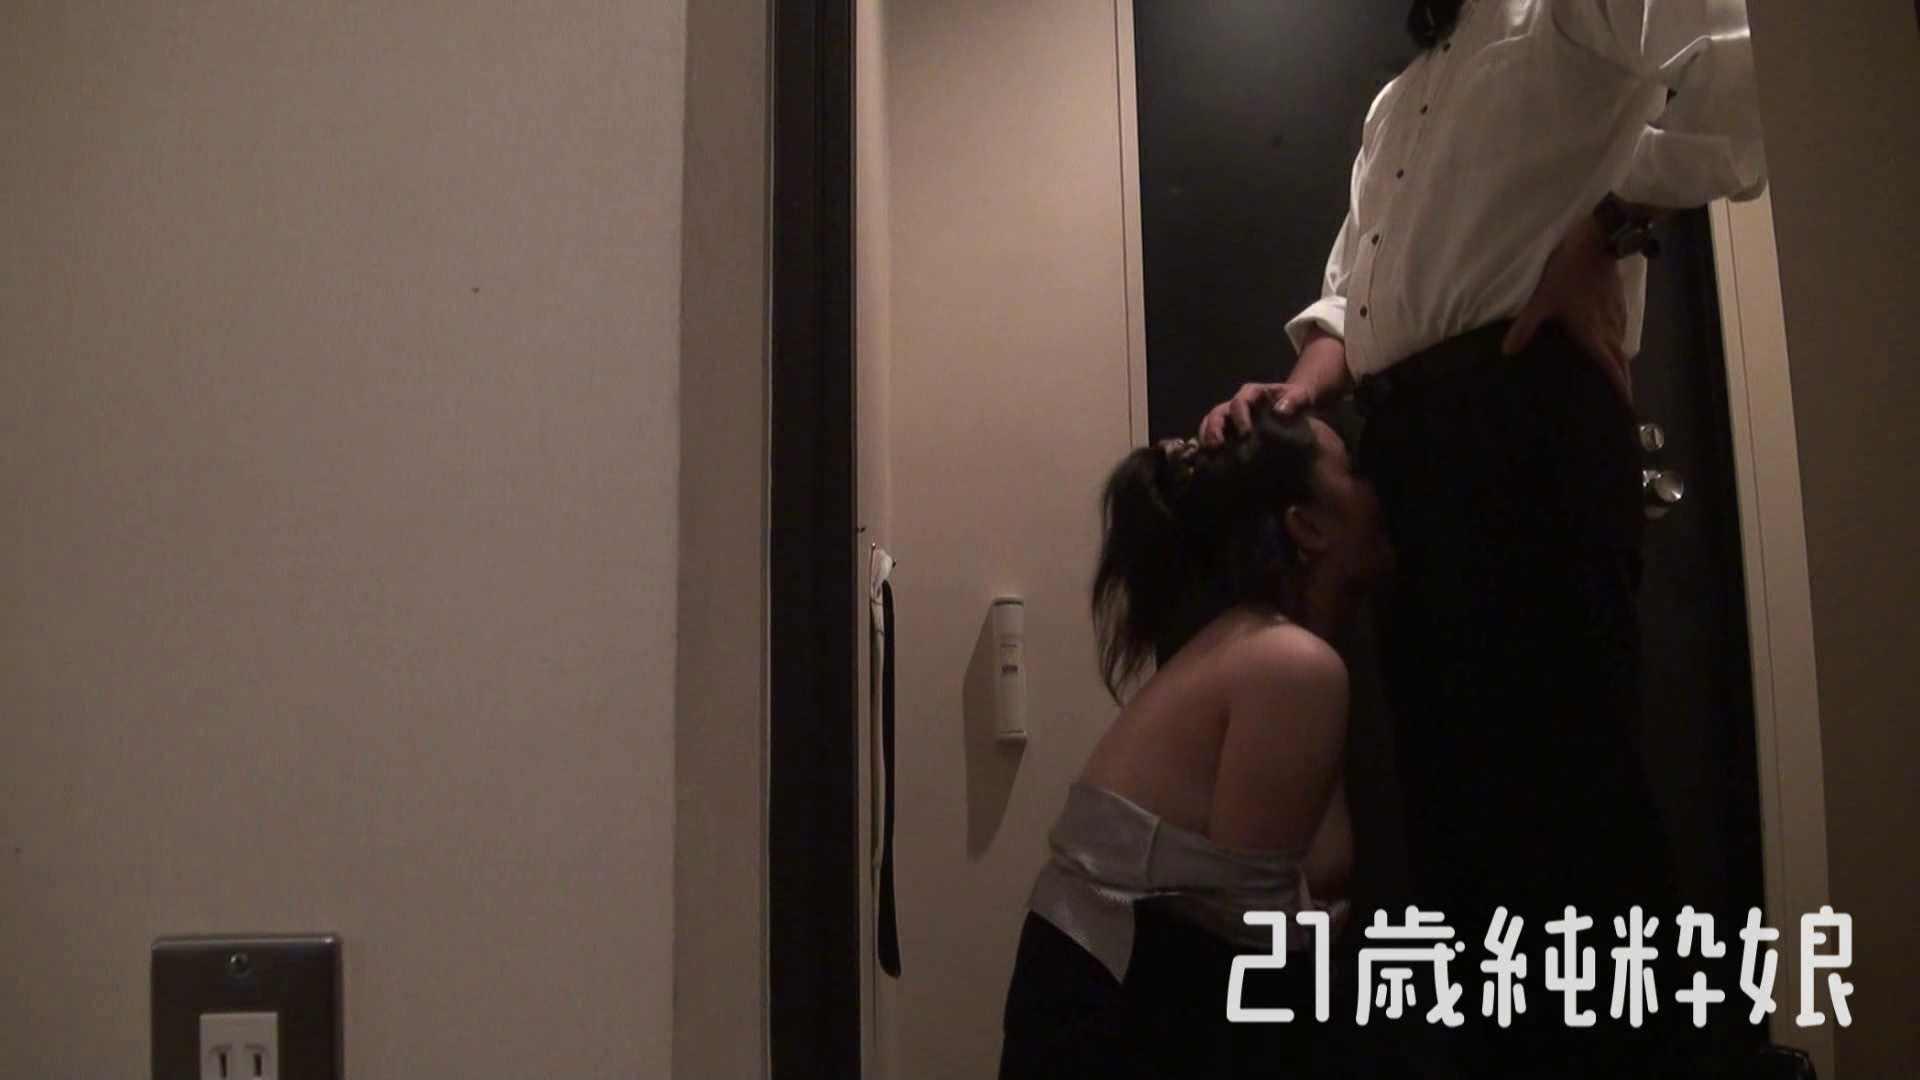 上京したばかりのGカップ21歳純粋嬢を都合の良い女にしてみた 学校 | 投稿映像  86pic 52